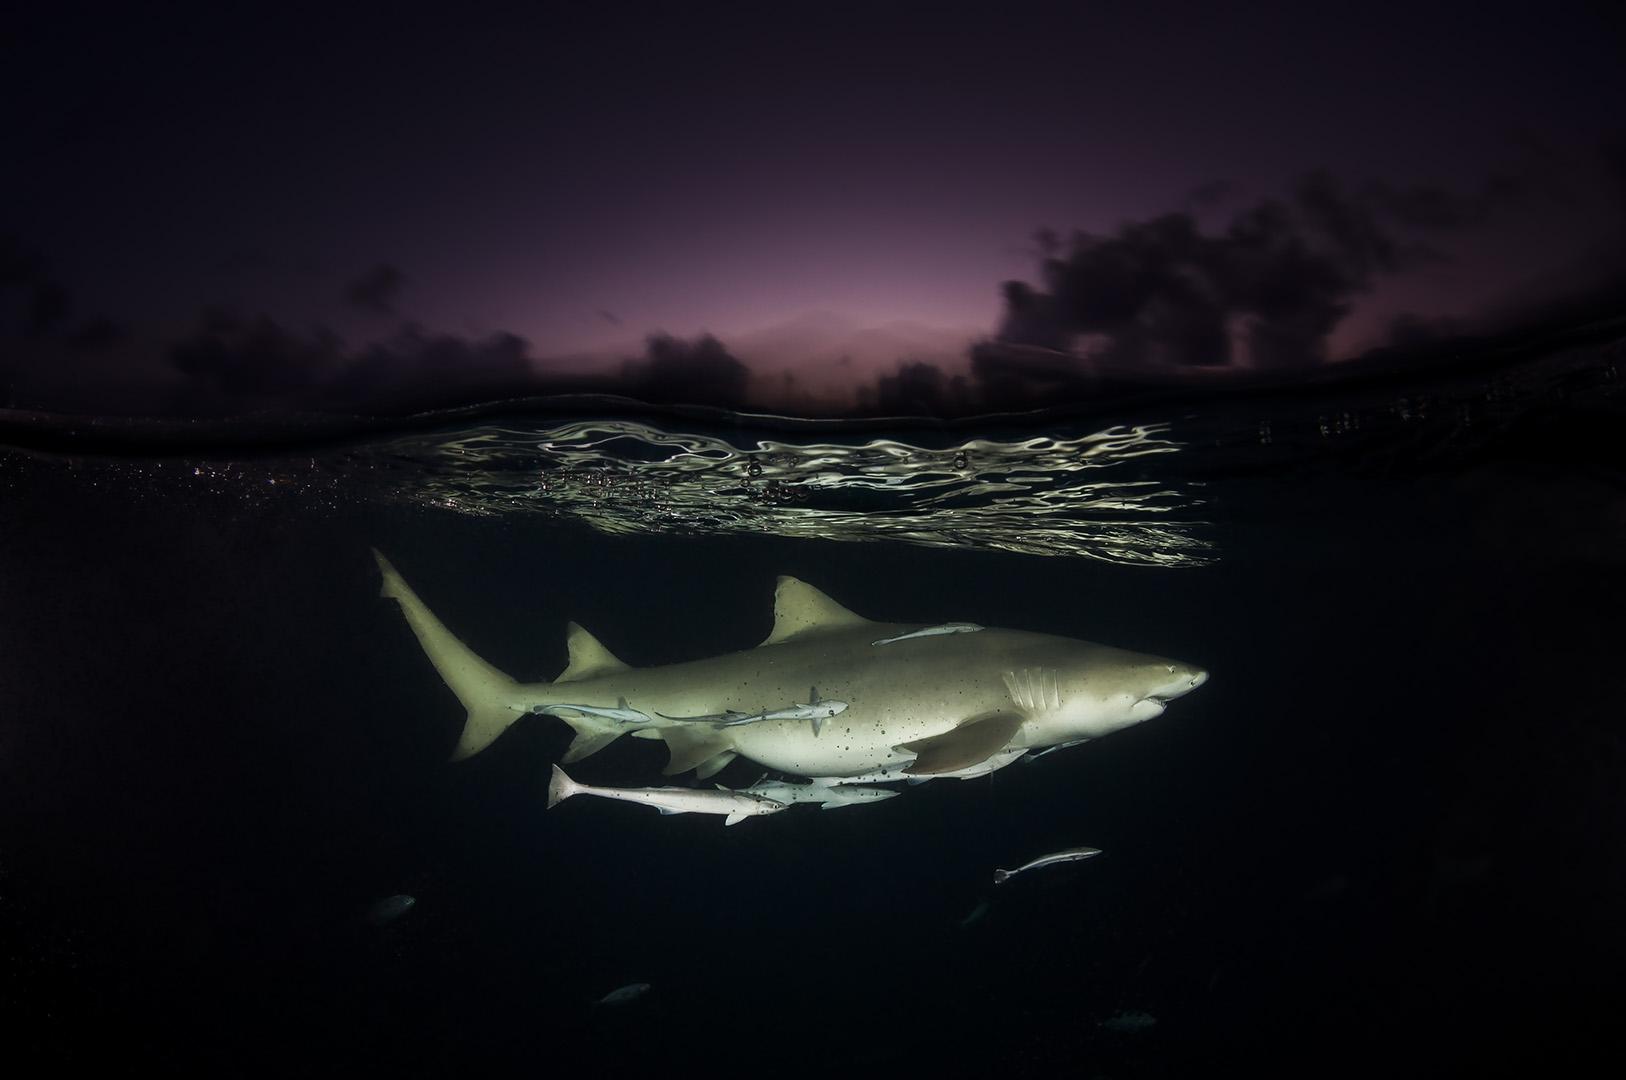 Sanctuaire des requins. Un requin-citron (Negaprion brevirostris) patrouille lentement sous la surface et sous un ciel rose dans les Bahamas. Véritable destination populaire pour voir et découvrir les requins, les Bahamas sont devenues un sanctuaire pour ces espèces en 2011. Cette initiative donne un exemple positif en matière de préservation des requins.